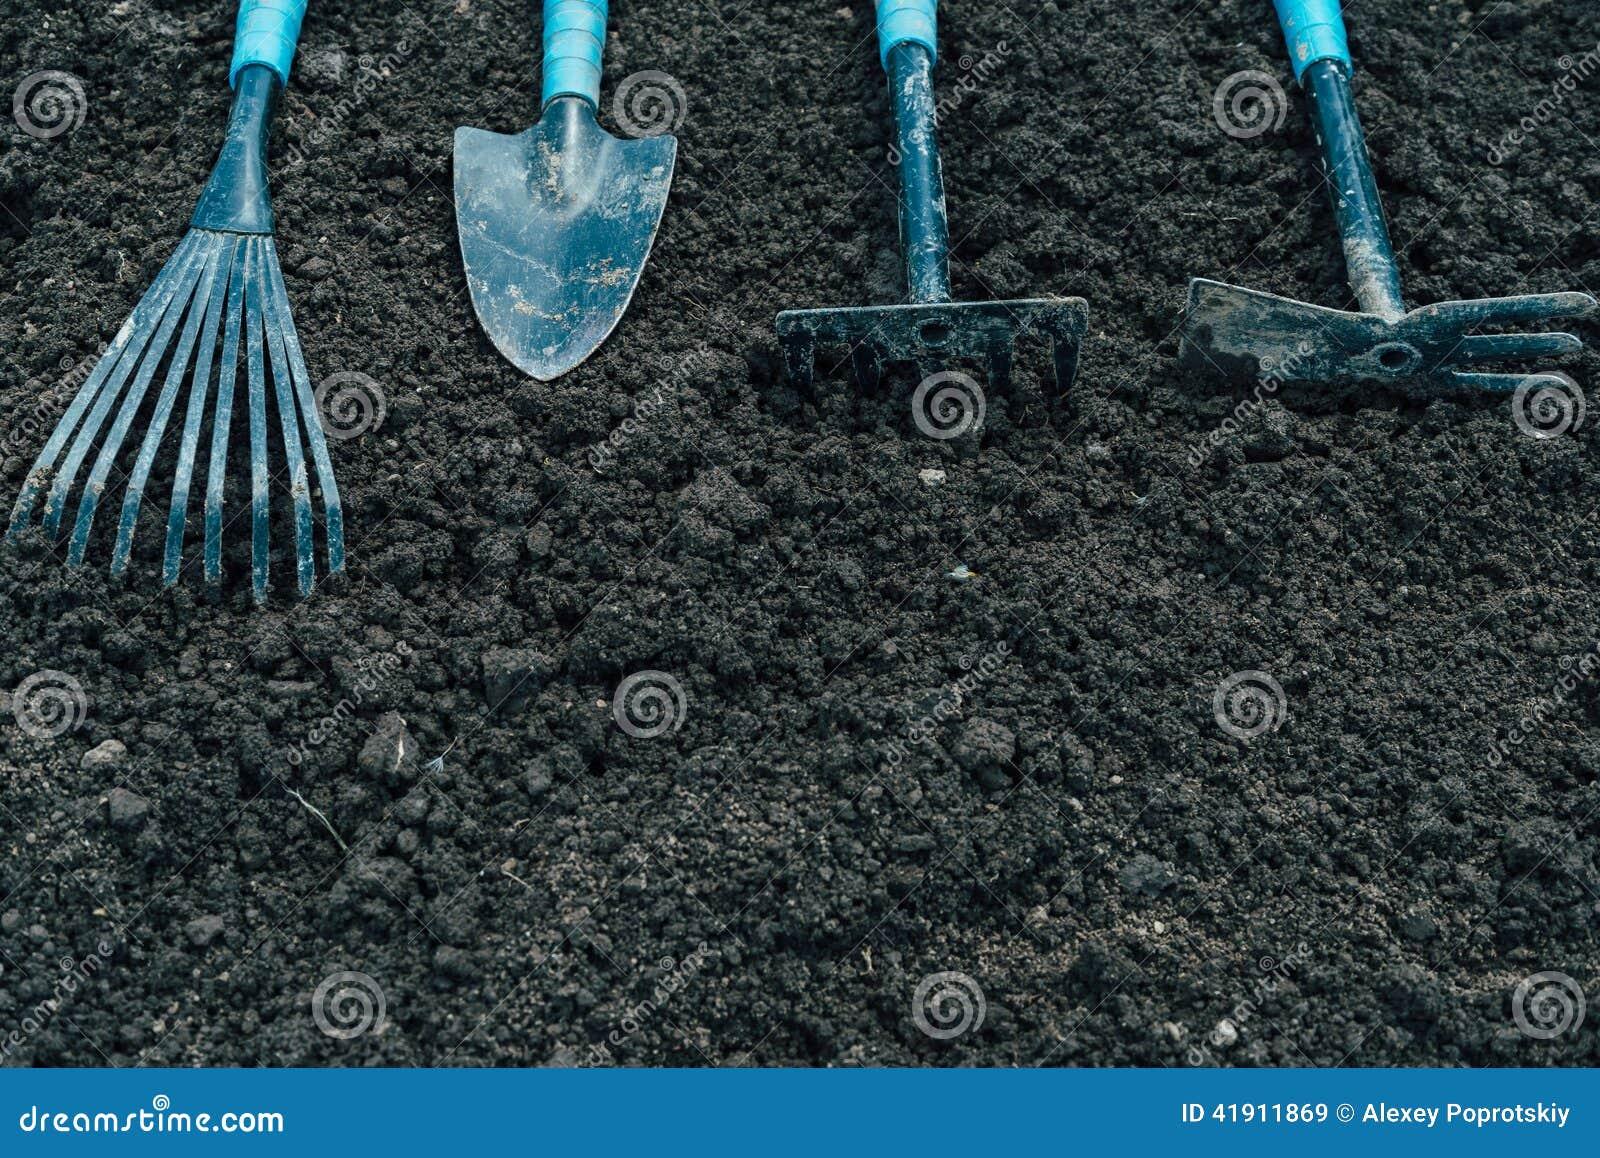 Herramientas para cultivar un huerto